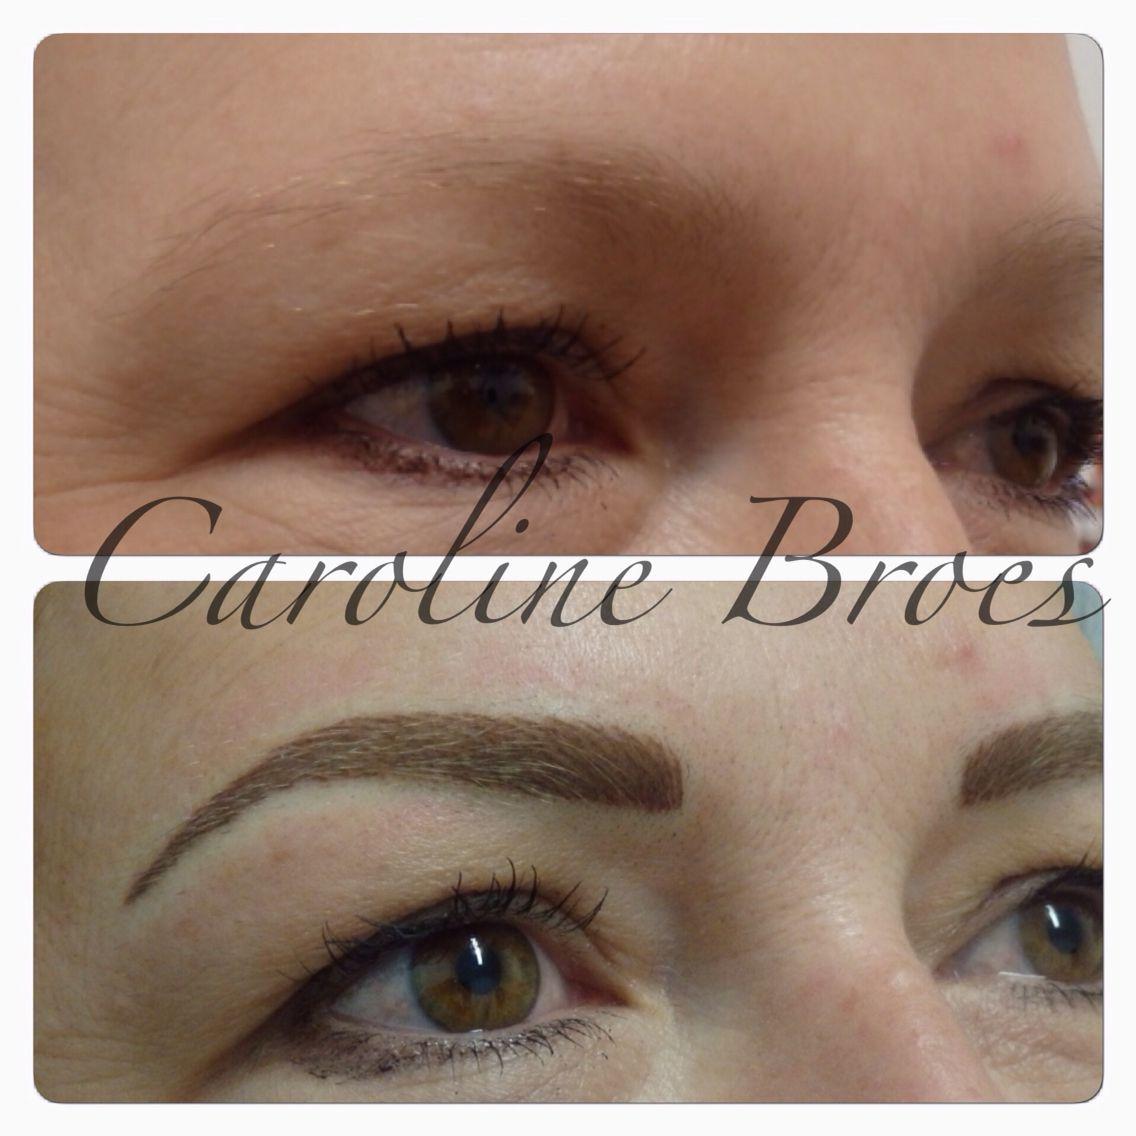 Hairstroke Eyebrows Cosmetic tattoo eyebrows, Eyebrow